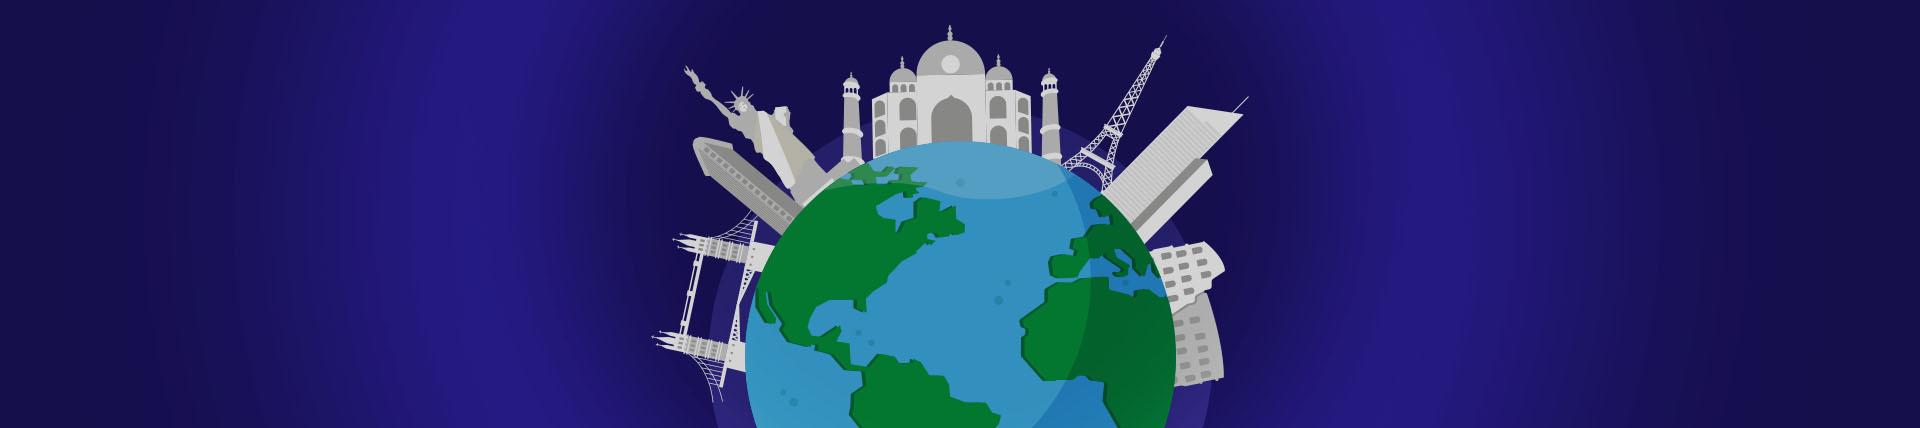 怎么把域名卖到全世界?一文带你读懂海外域名市场!